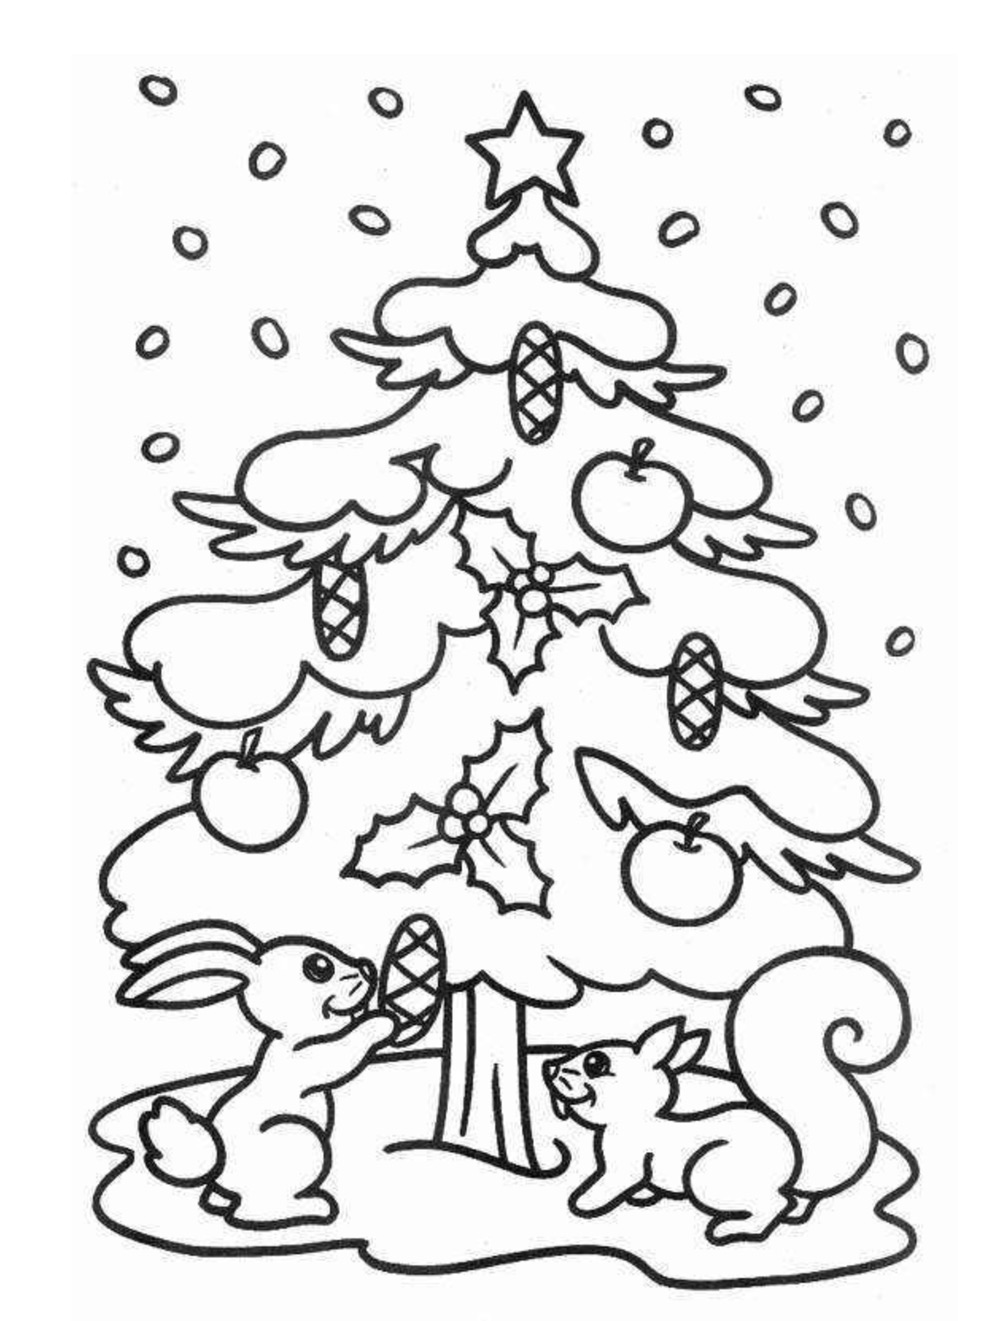 especial de navidad dibujos para colorear y pasatiempos